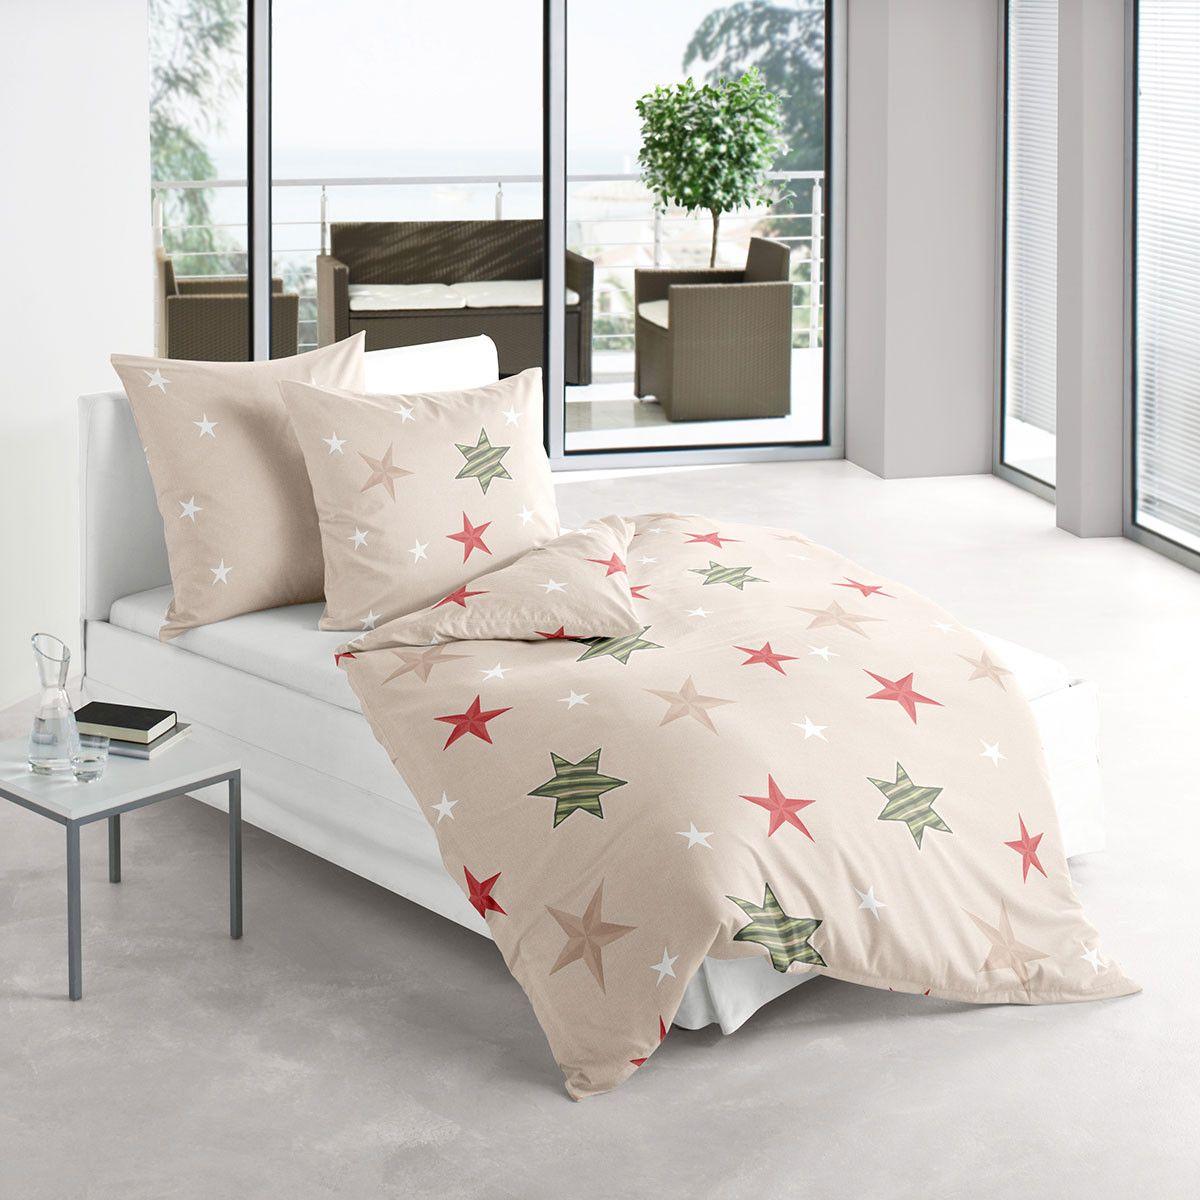 irisette biber bettw sche davos 8657 90 winter weihnachten 2017 pinterest winterbettw sche. Black Bedroom Furniture Sets. Home Design Ideas